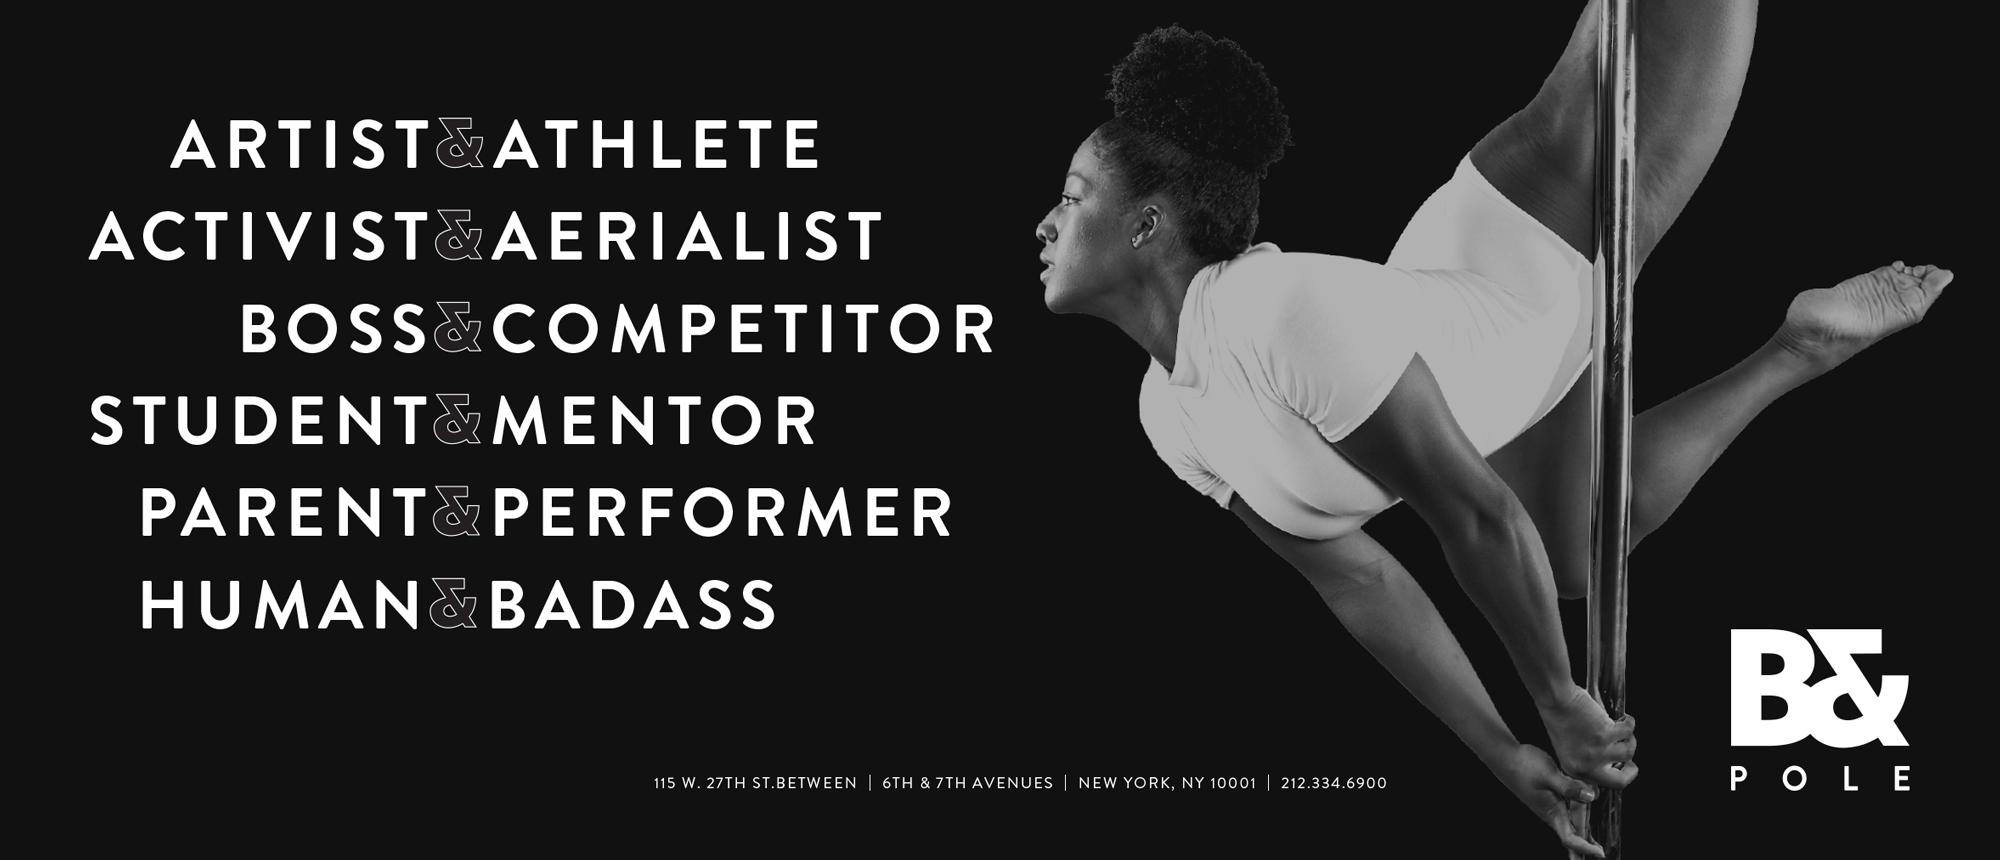 Artist-Athlete-Poster.jpg